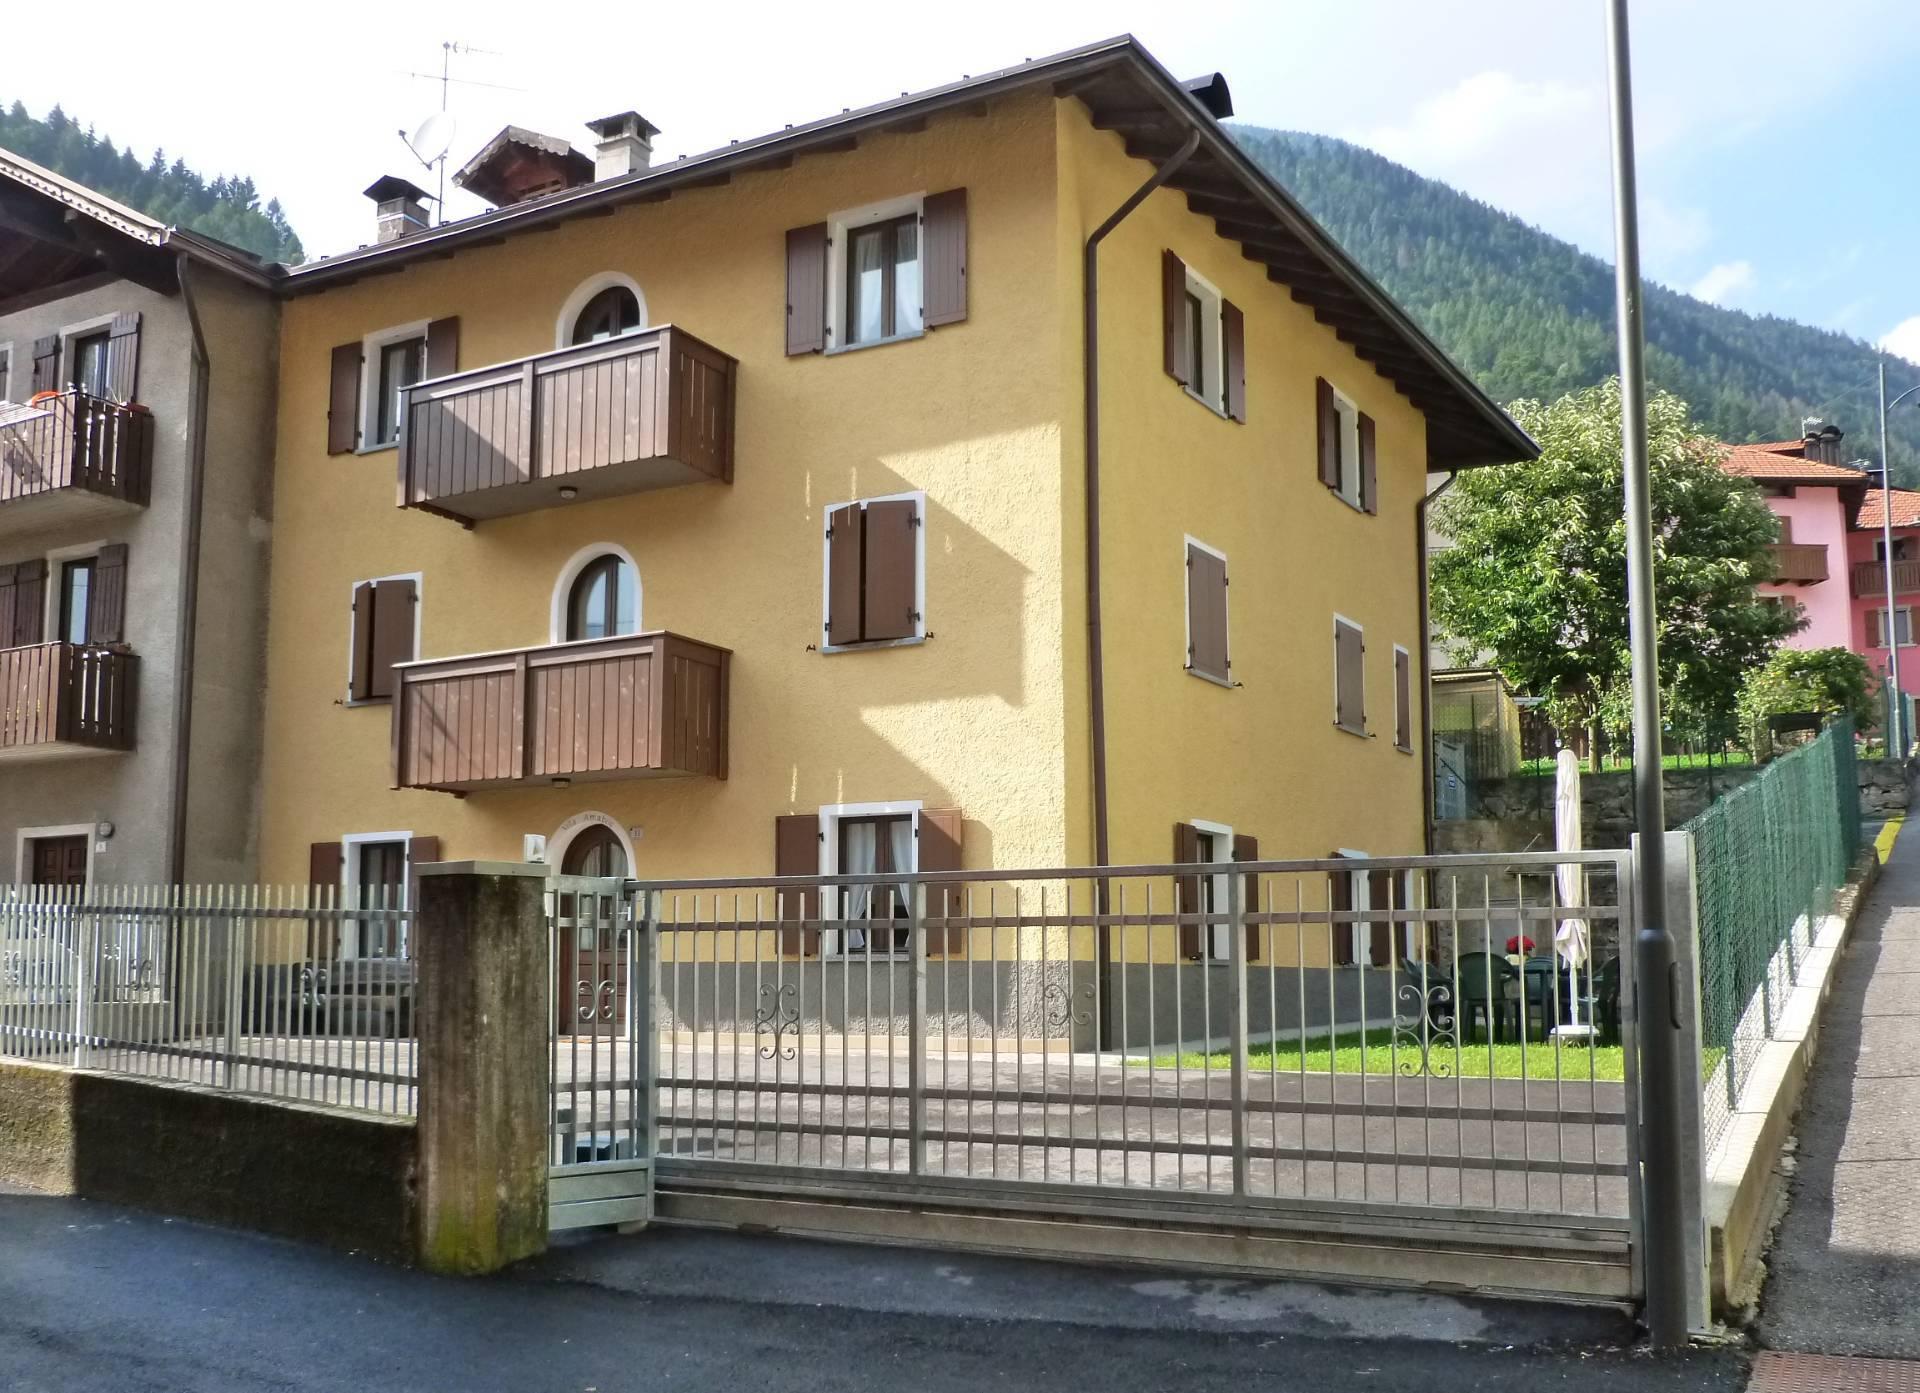 Soluzione Indipendente in vendita a Pelugo, 8 locali, prezzo € 395.000 | CambioCasa.it